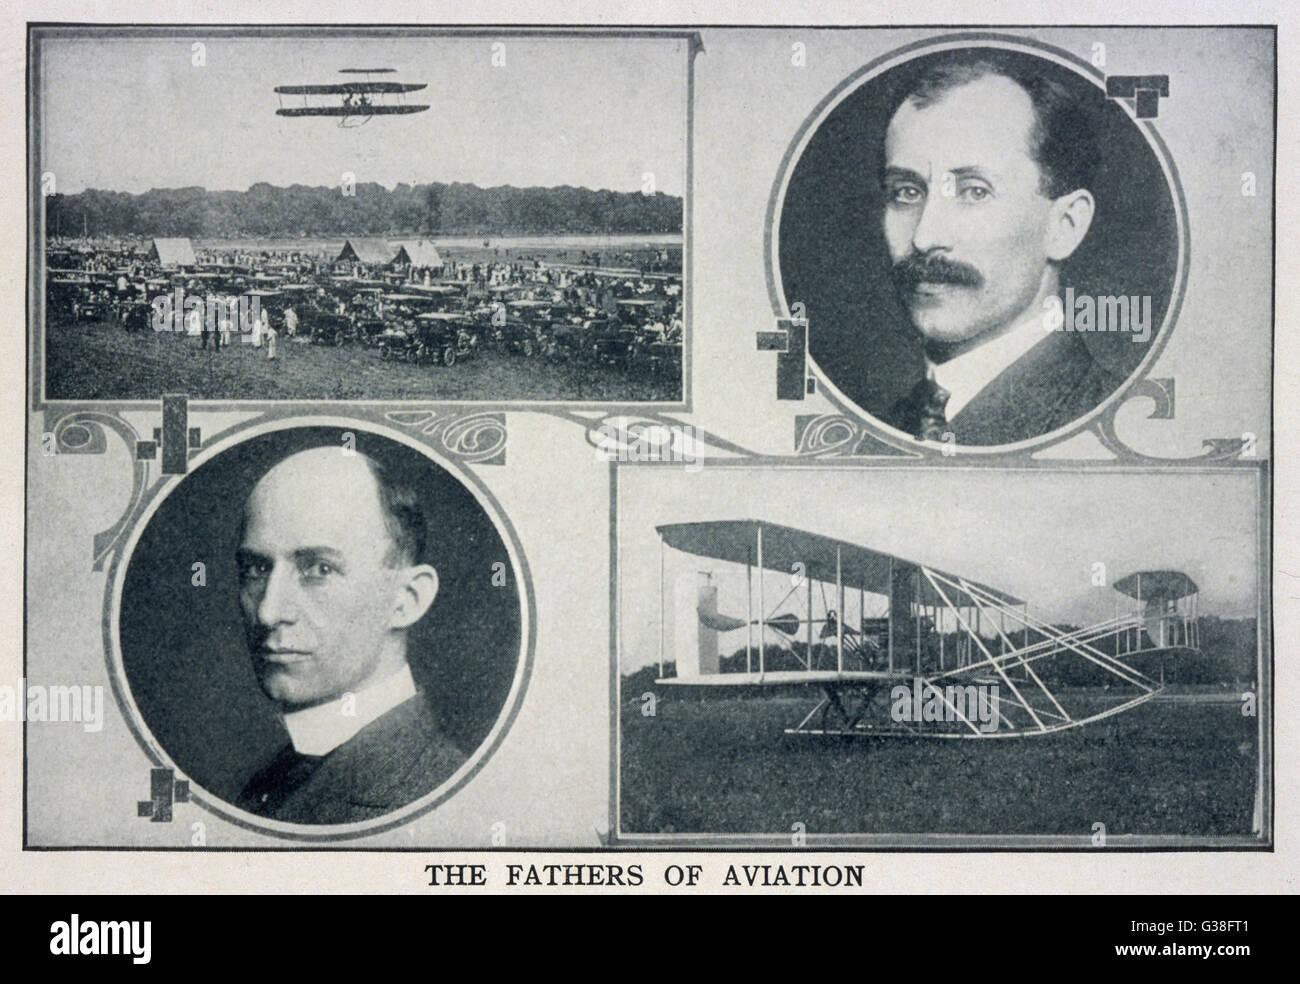 Porträts von Wilbur (links) und (rechts) Orville Wright und Bilder ihrer Flugzeuge. Stockbild